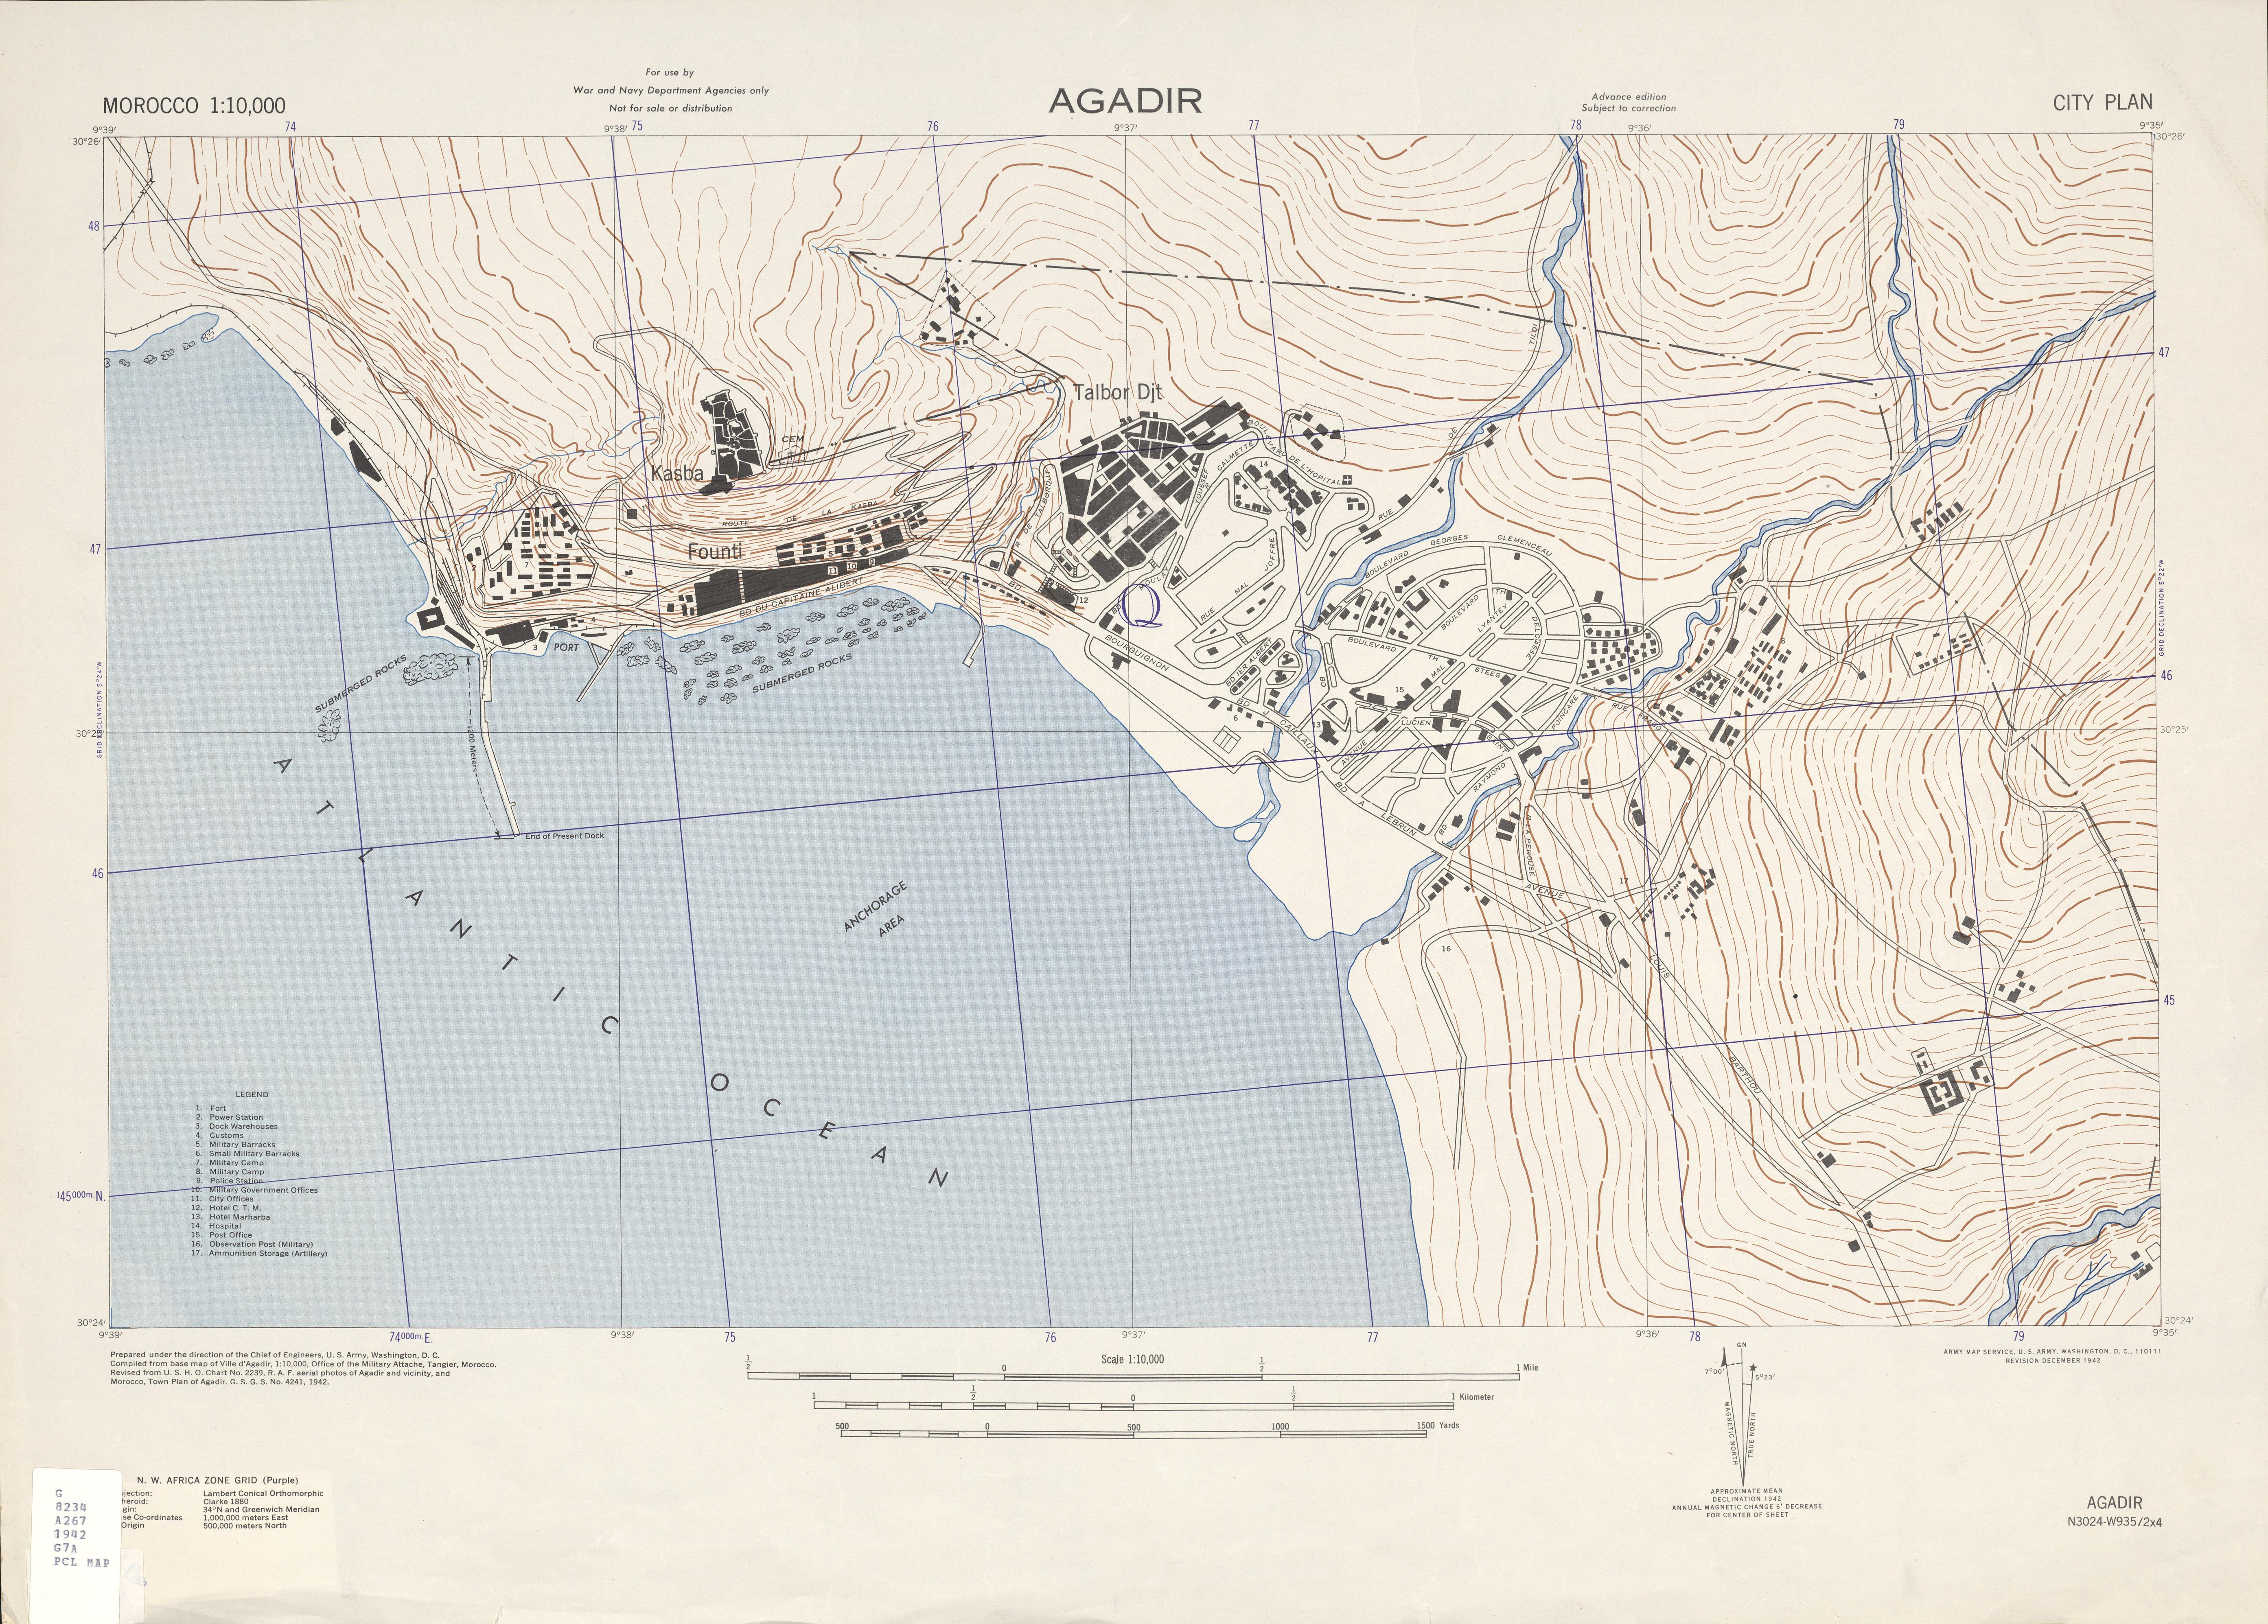 Mapa de la Ciudad de Agadir, Marruecos 1942